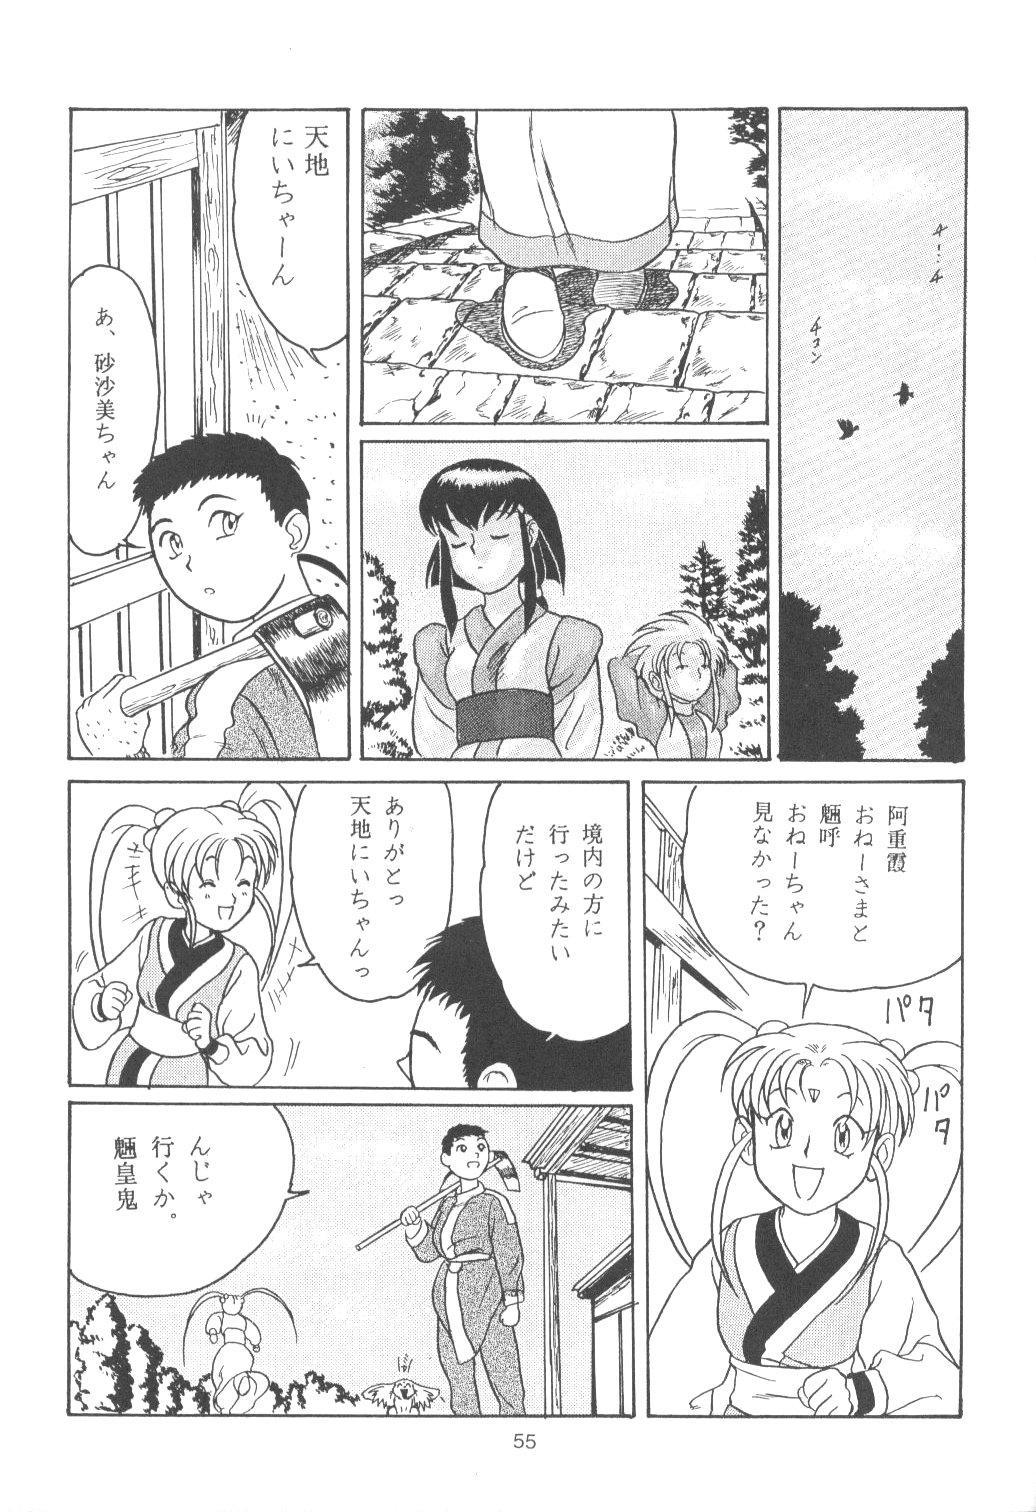 Tabeta Kigasuru 13 53